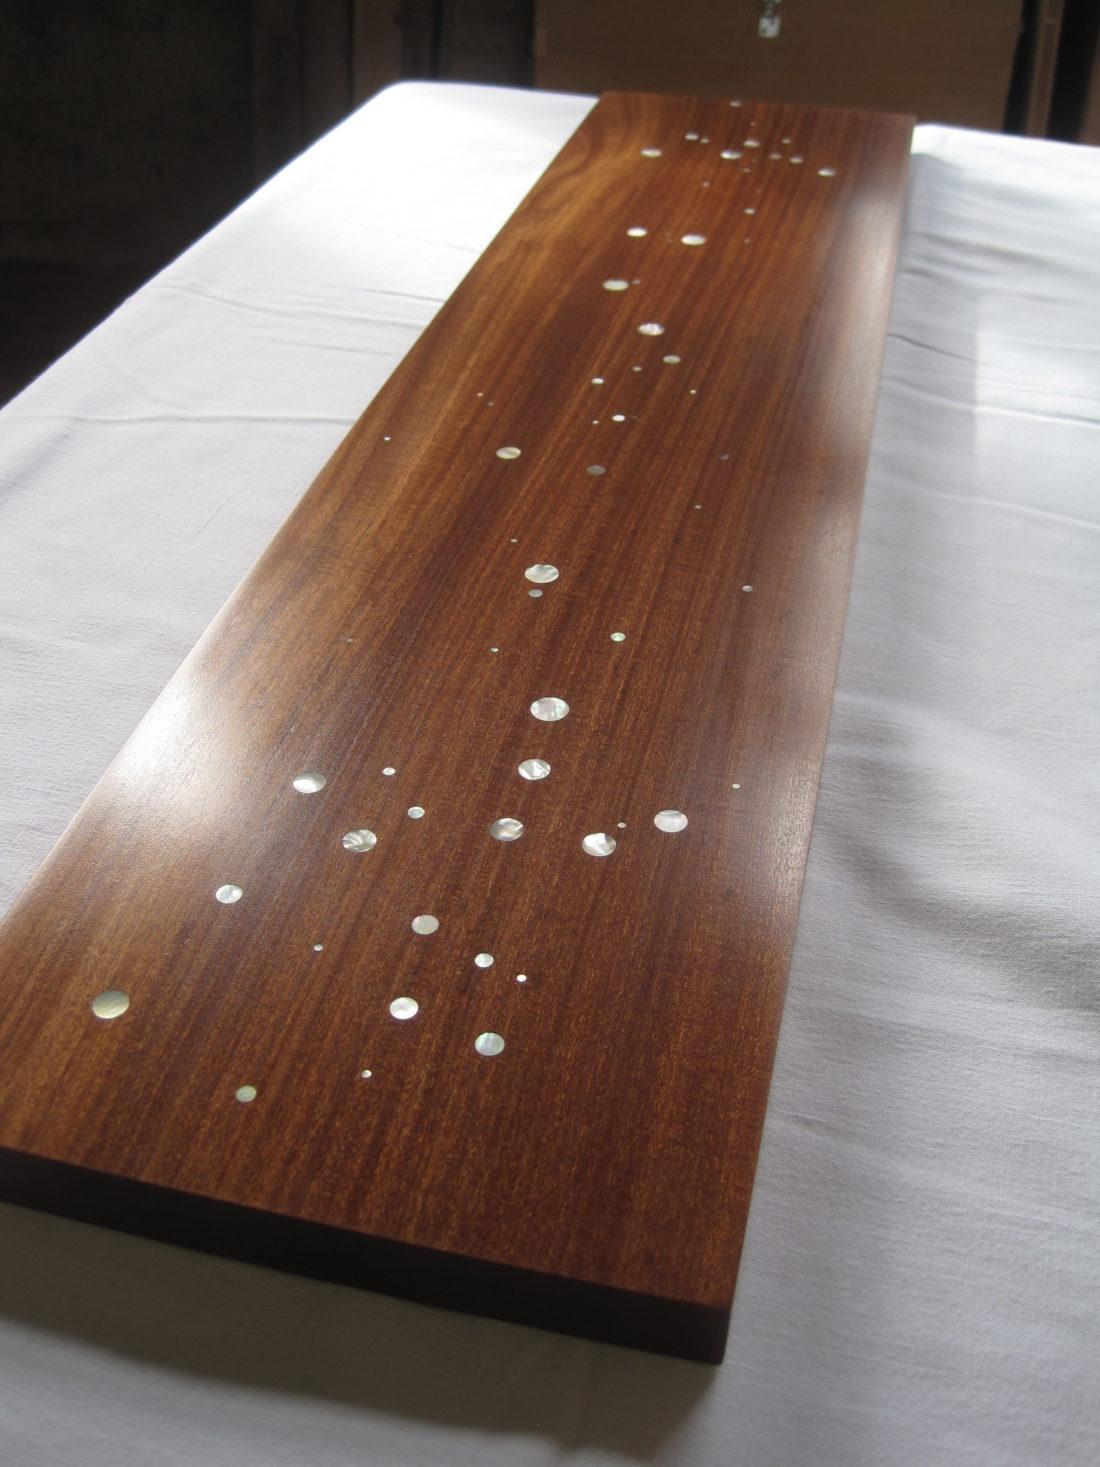 L'atelier Lignes d'Art propose des créations en bois incrustés de nacres: tableaux et meubles à vendre ou compositions selon vos projets sur supports neufs ou anciens.